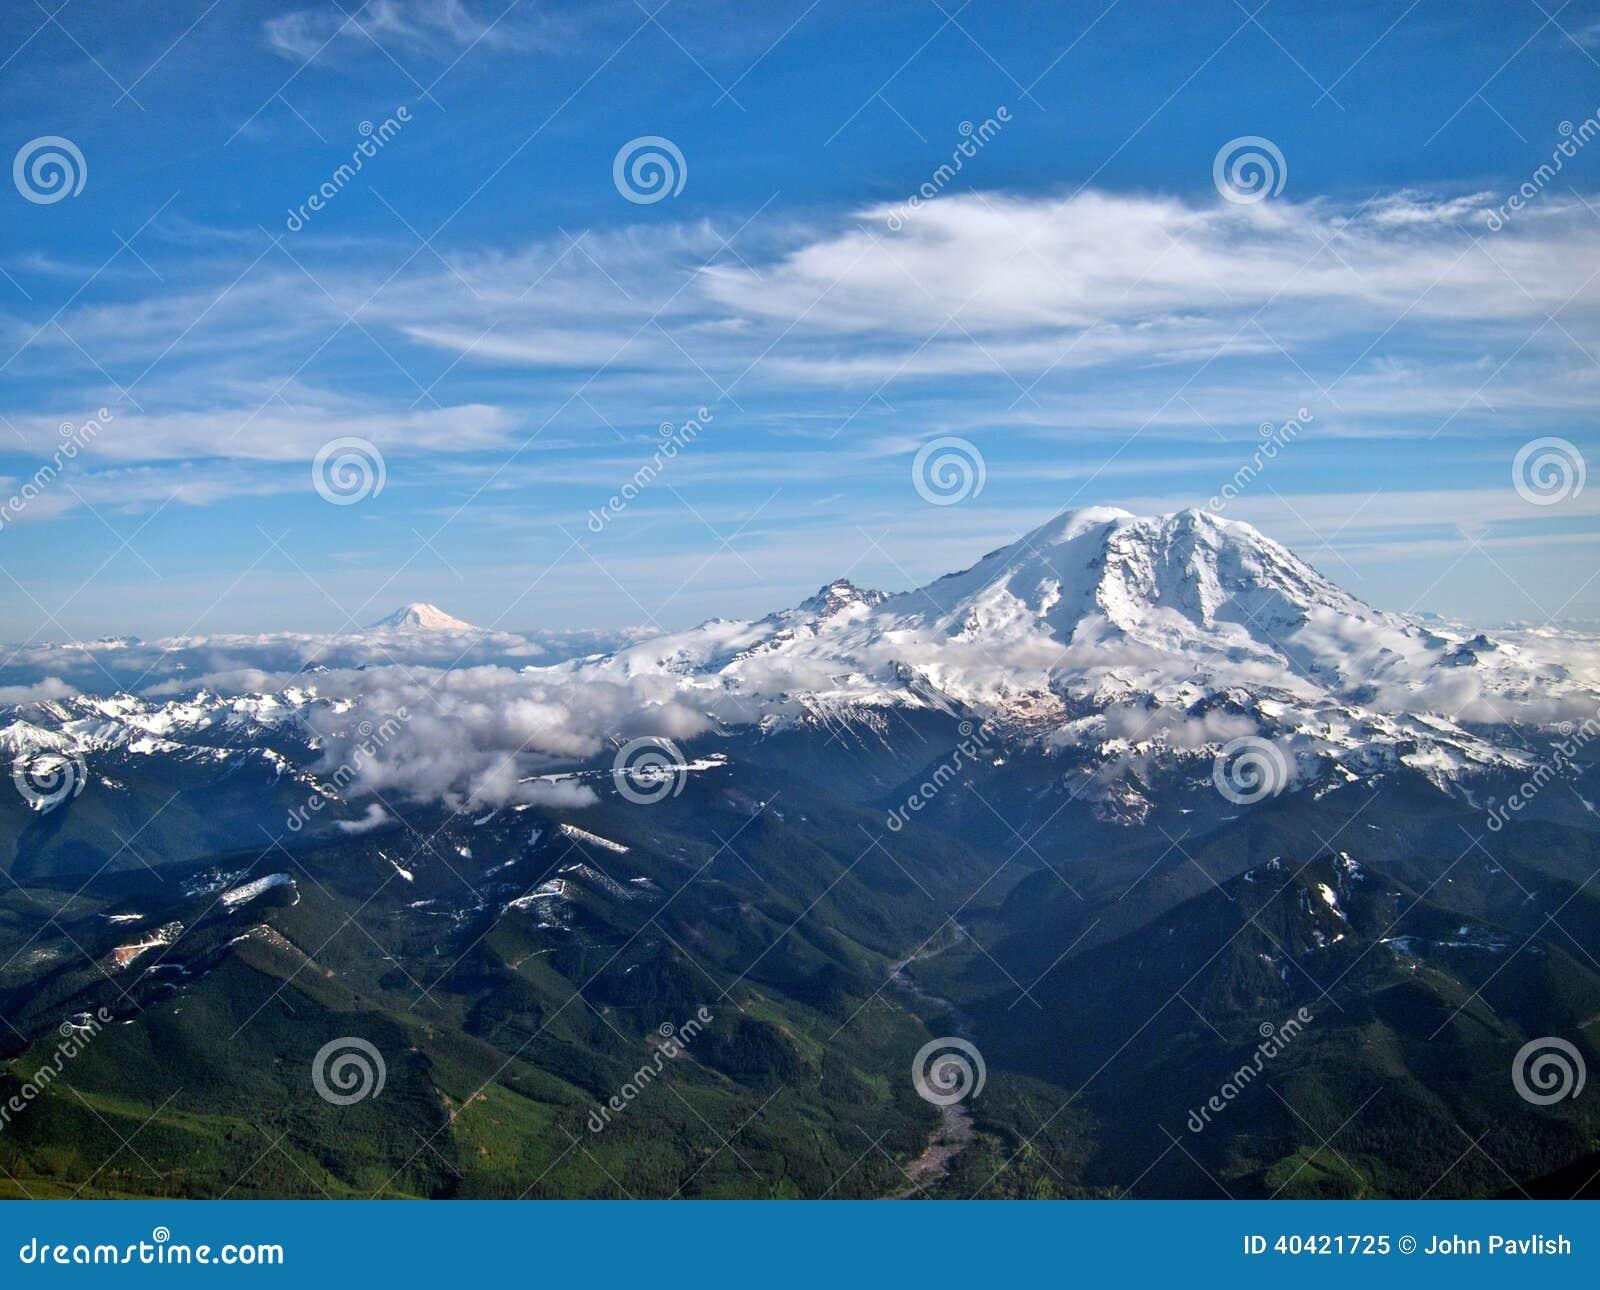 Mt Rainier Facing Mt Adams